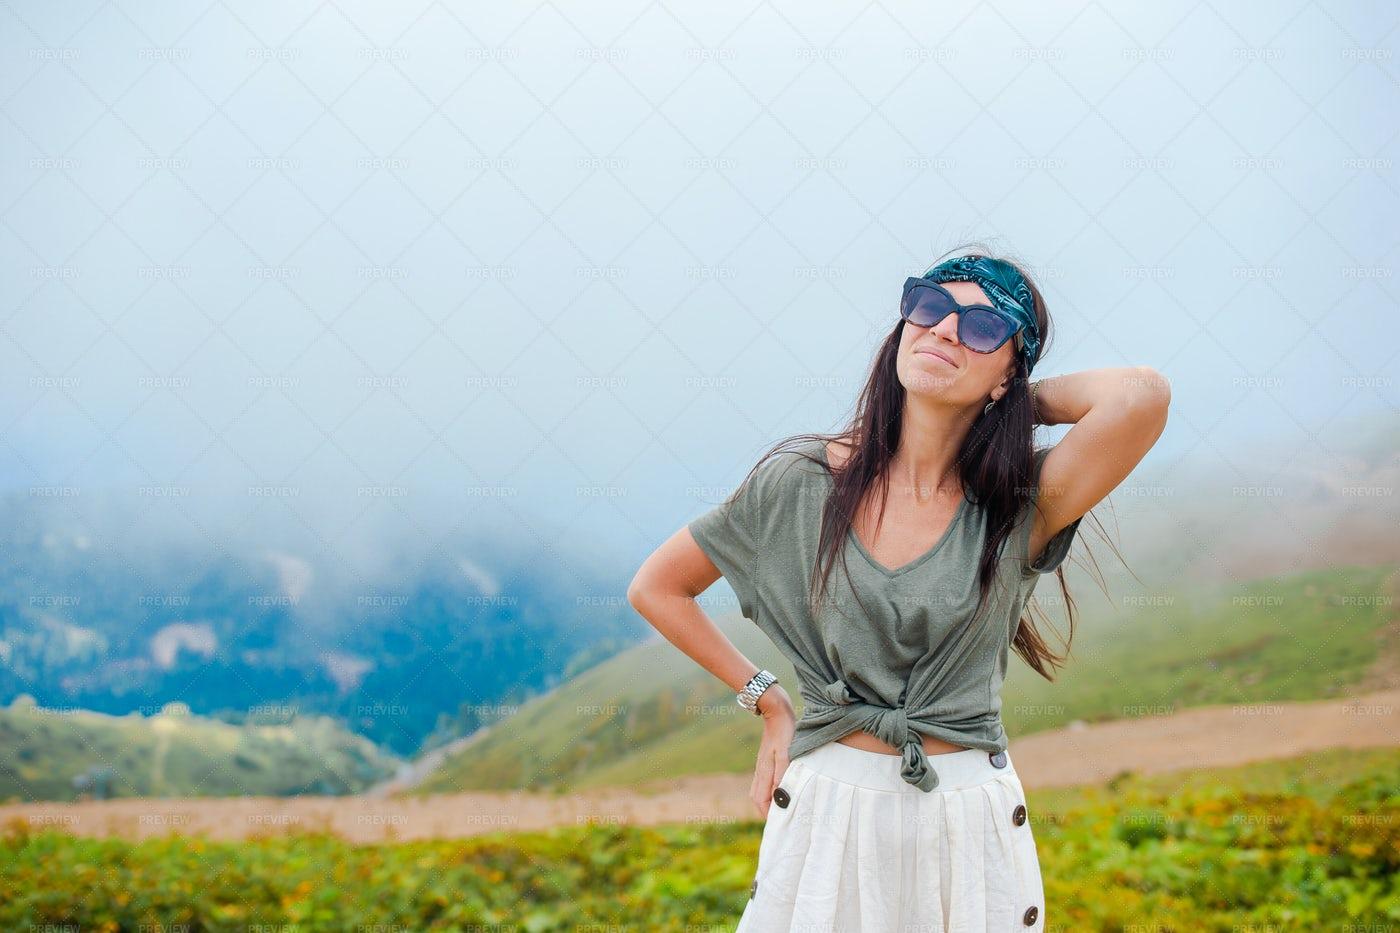 Enjoying The Mountains: Stock Photos